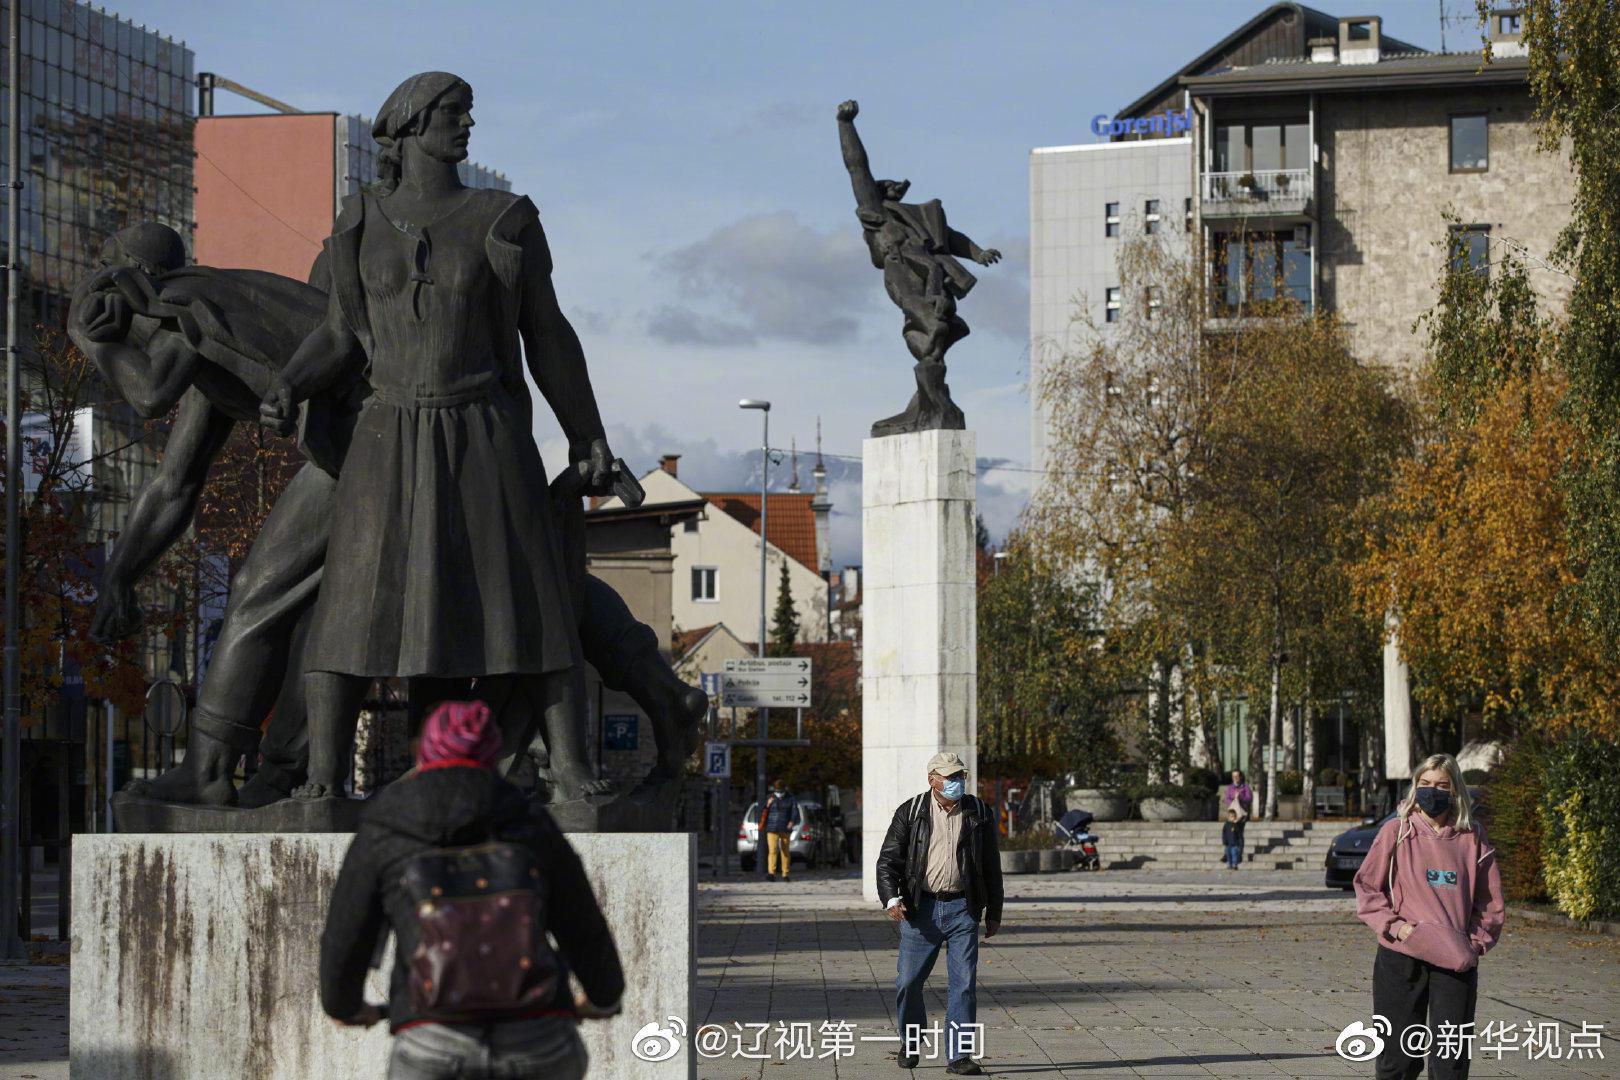 世卫组织:欧洲处于新冠疫情震中